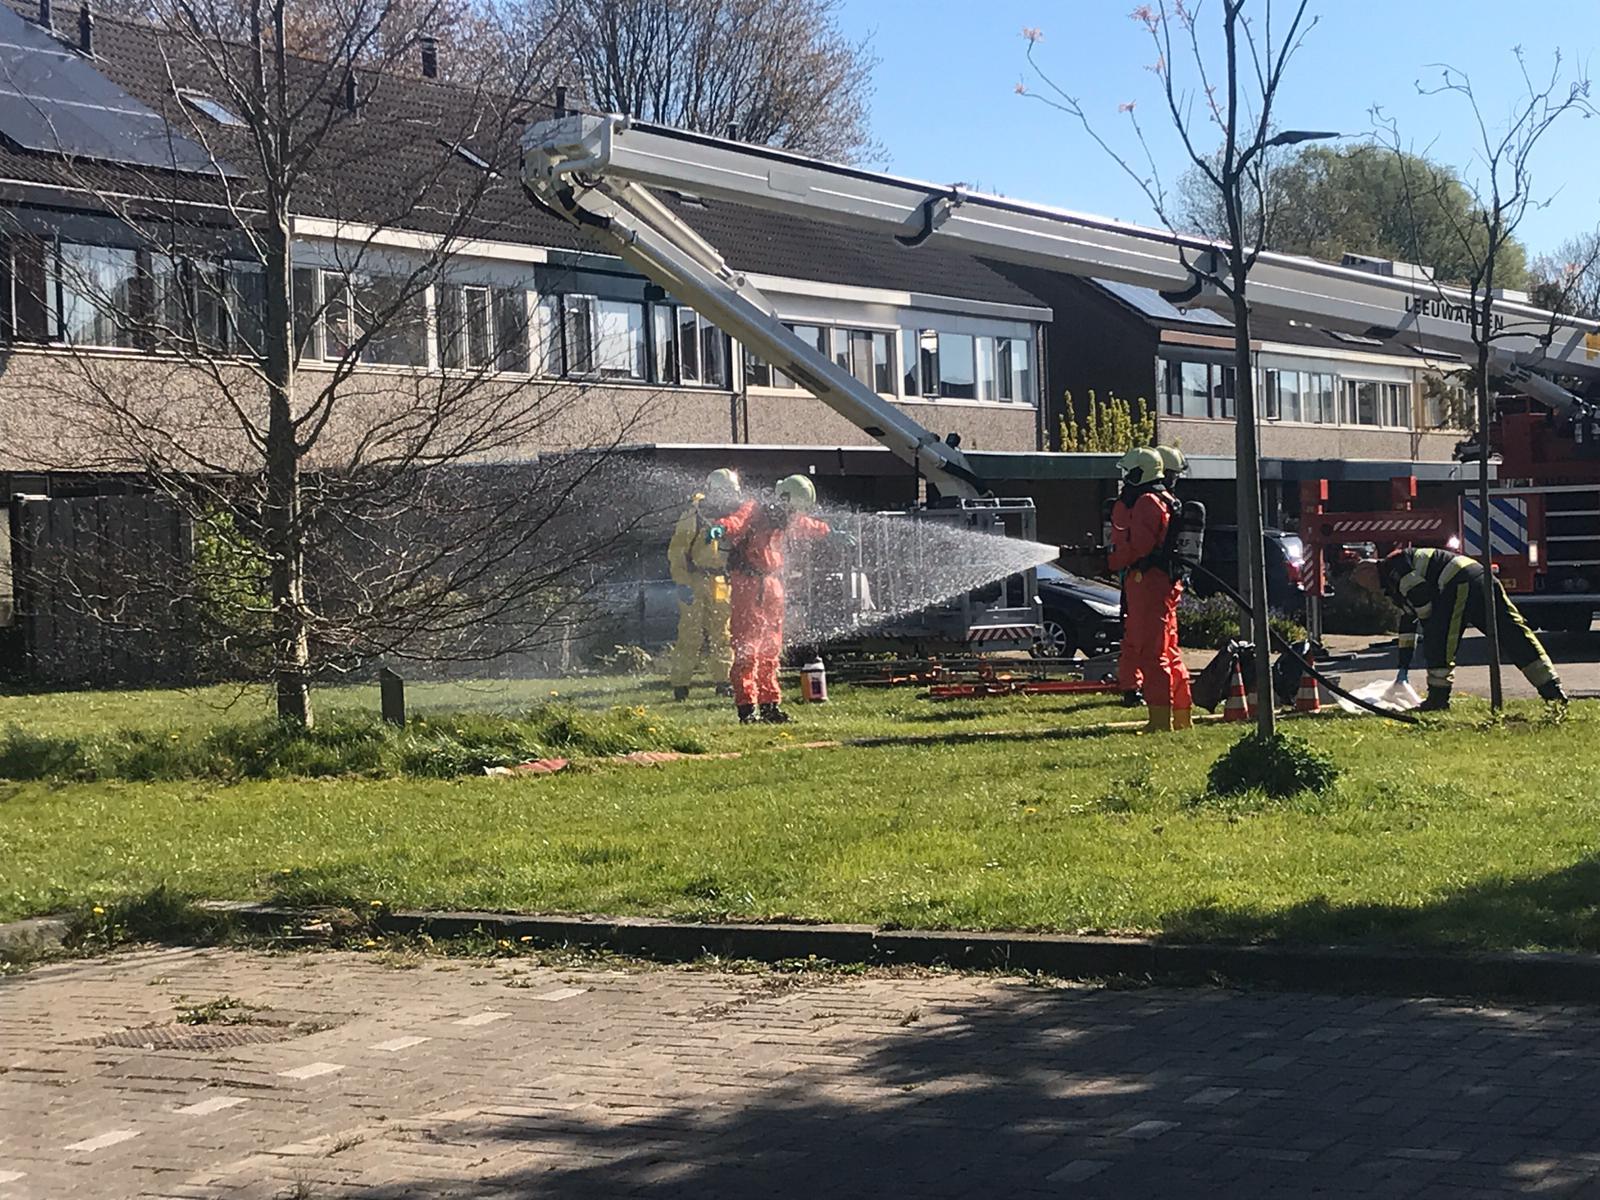 Brandweer in actie voor mogelijke coronapatiënten